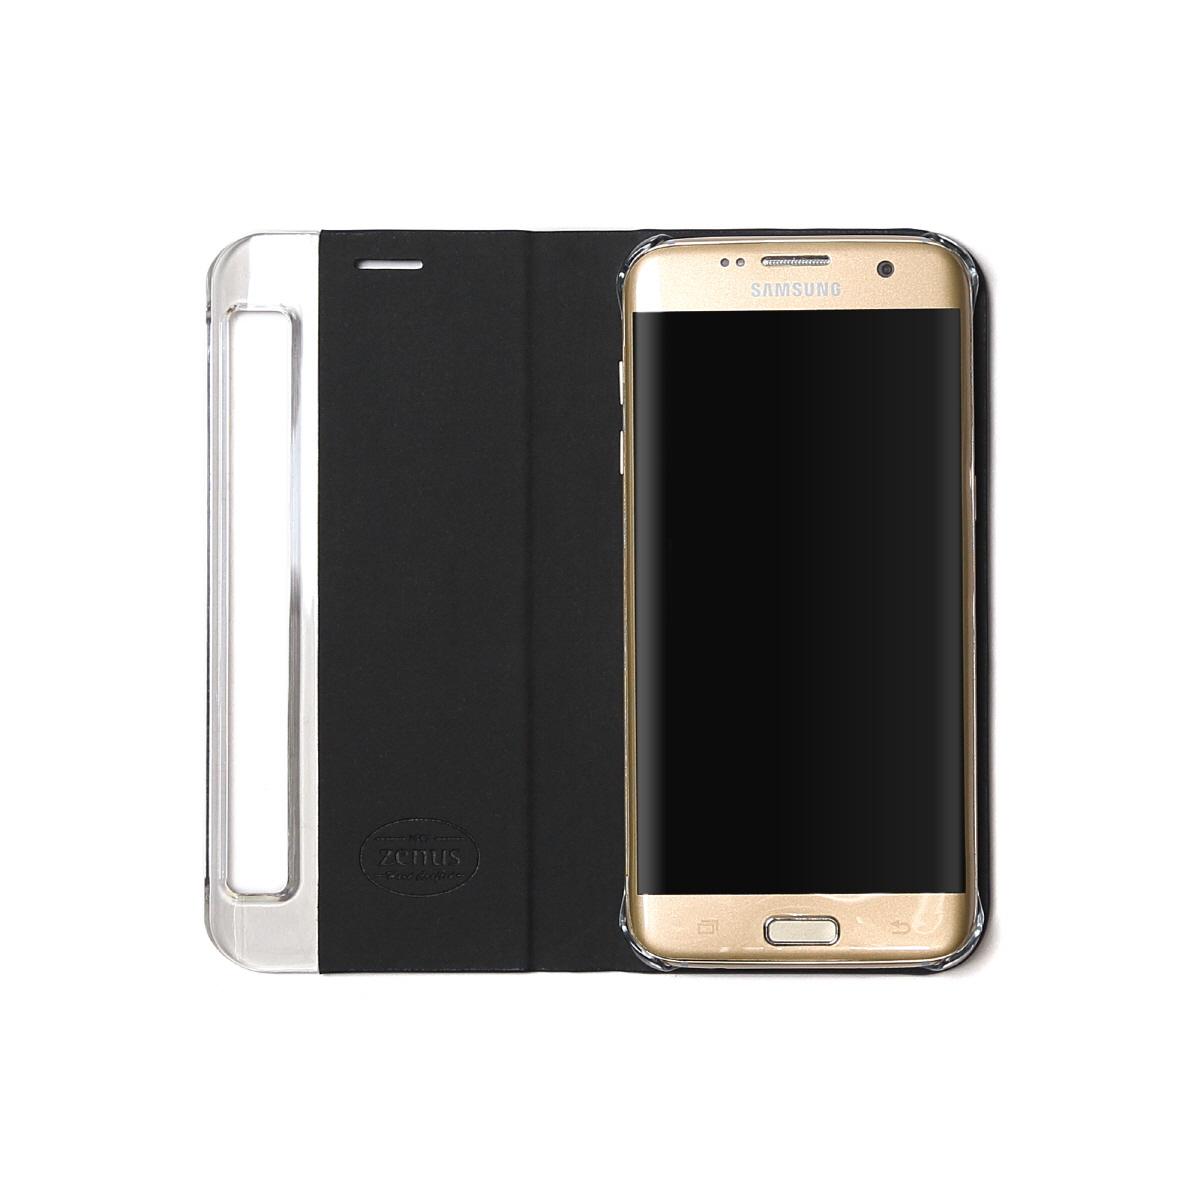 Galaxy S7 edge ケース 手帳型 ZENUS Metallic Diary 2(ゼヌス メタリックダイアリー2)ギャラクシー エスセブン エッジ